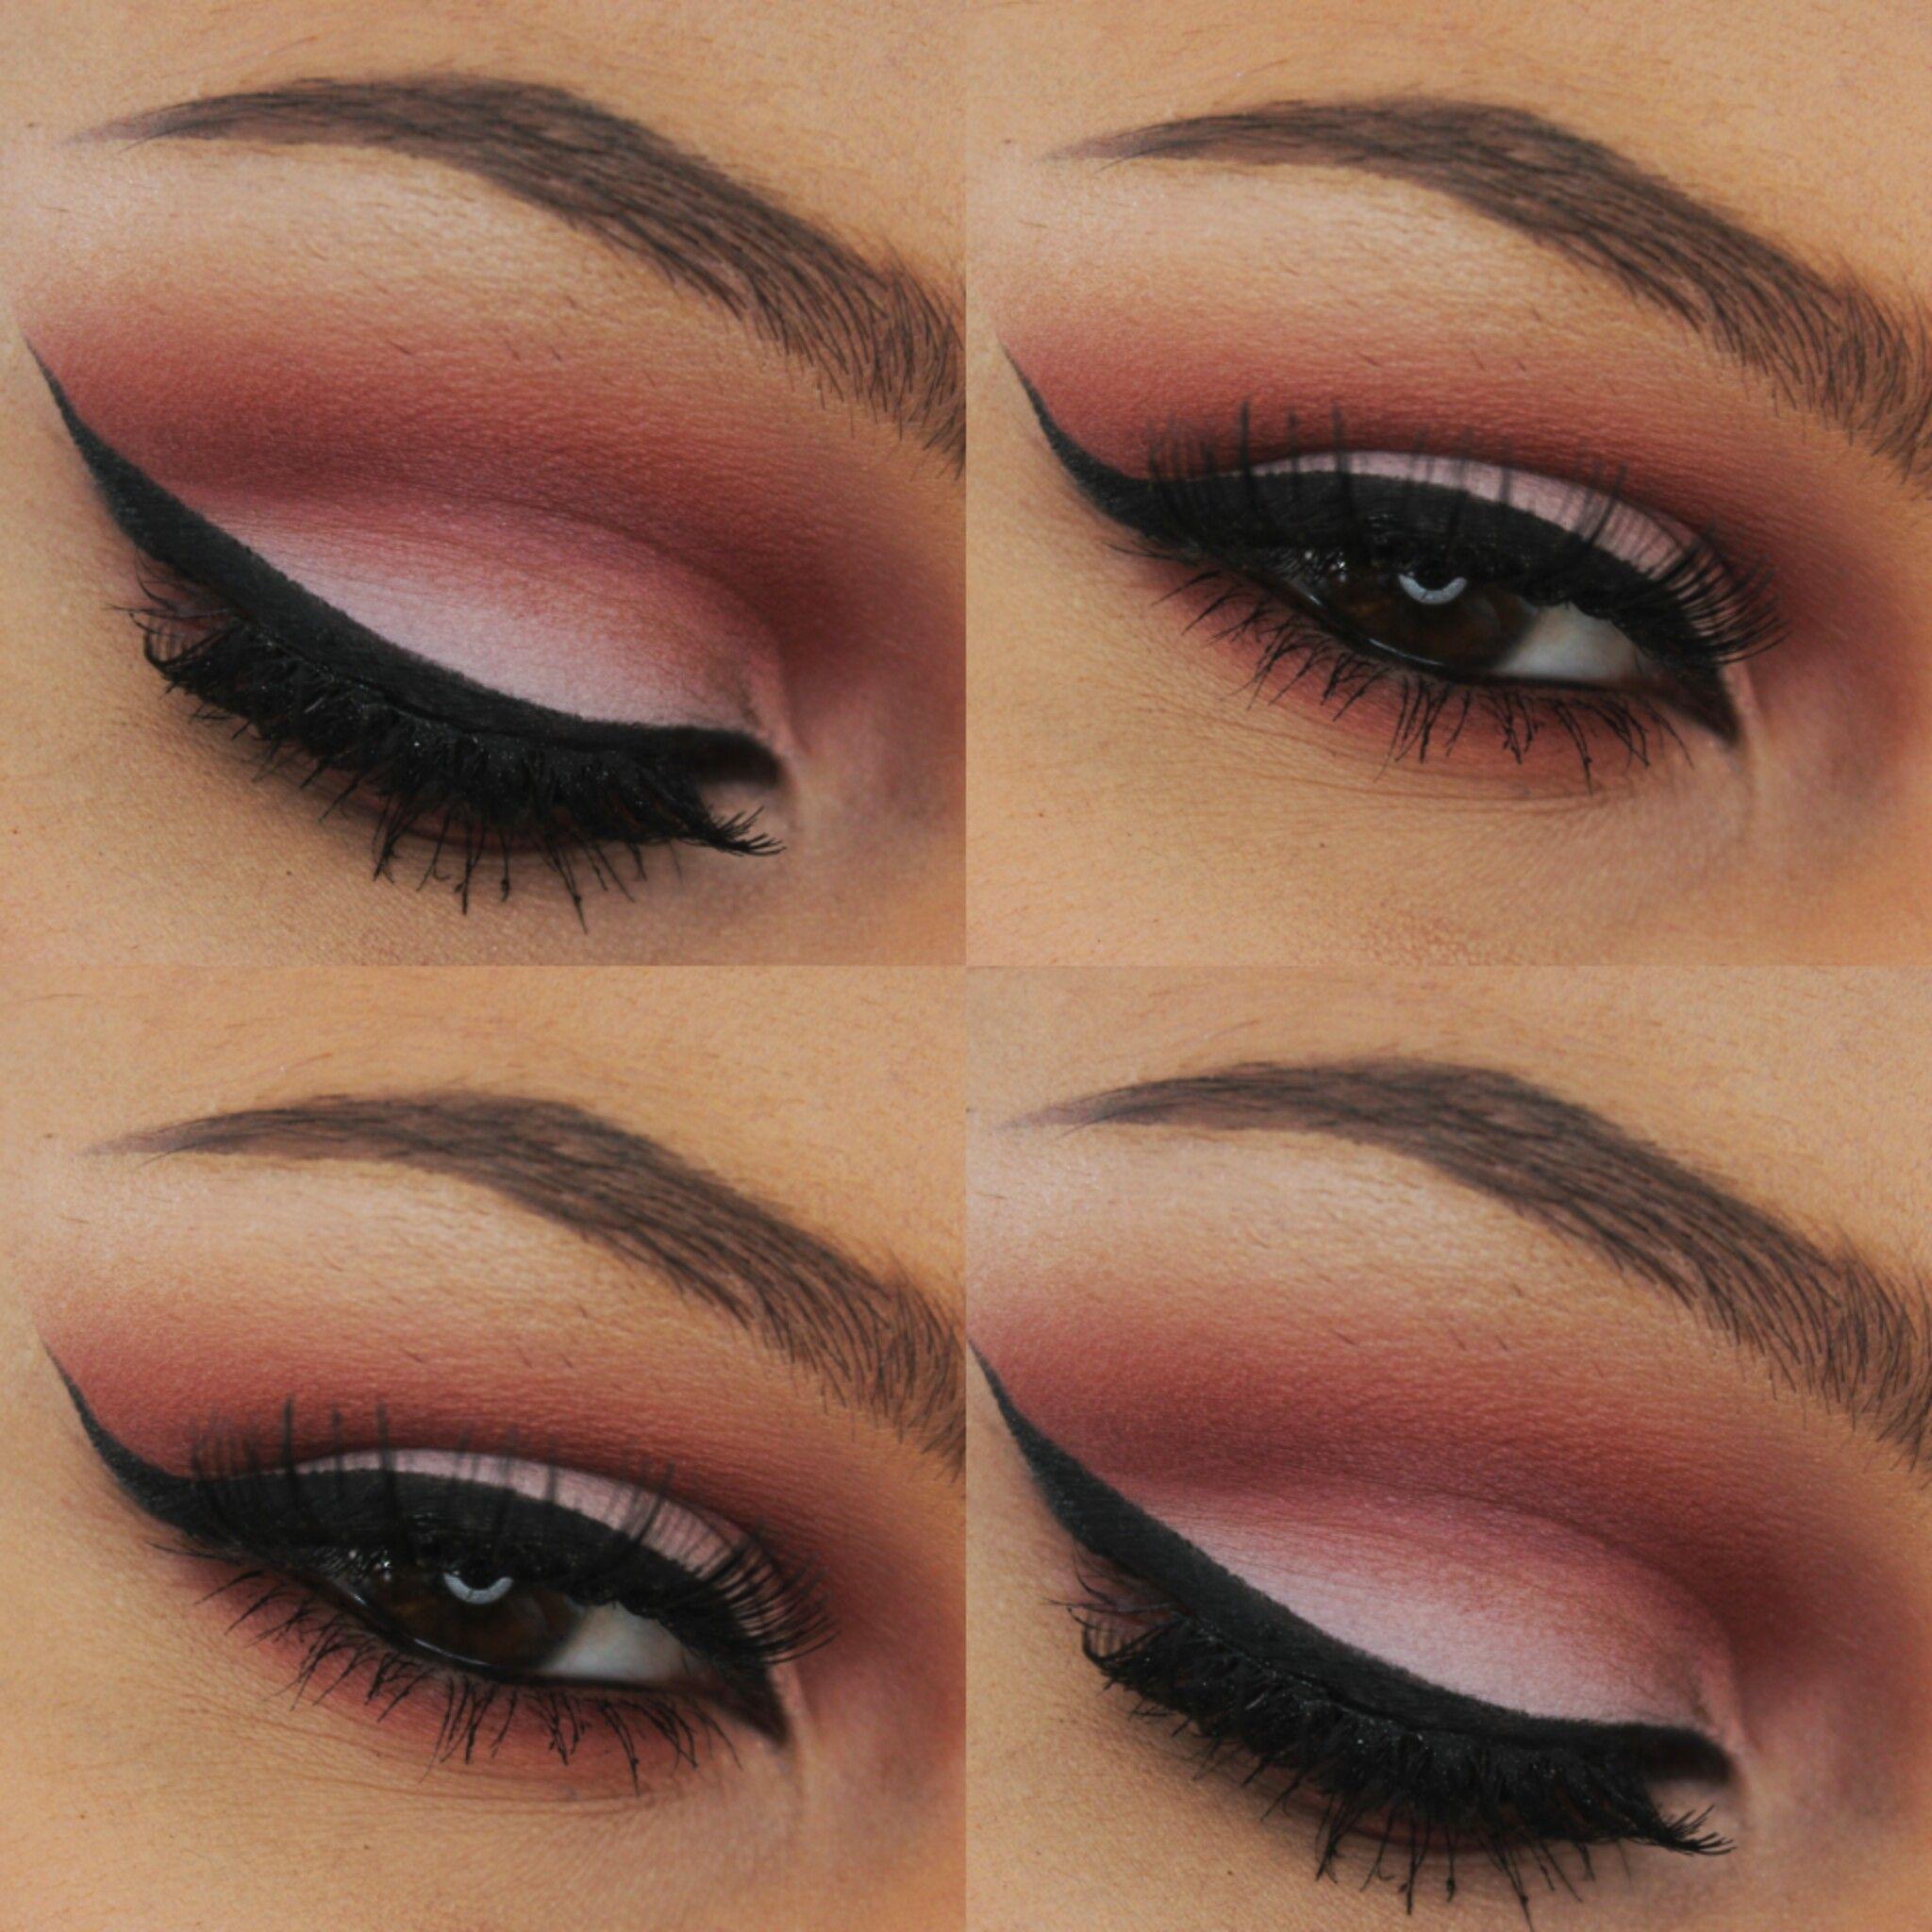 For this eyeshadow look I used Makeupgeek Makeup geek